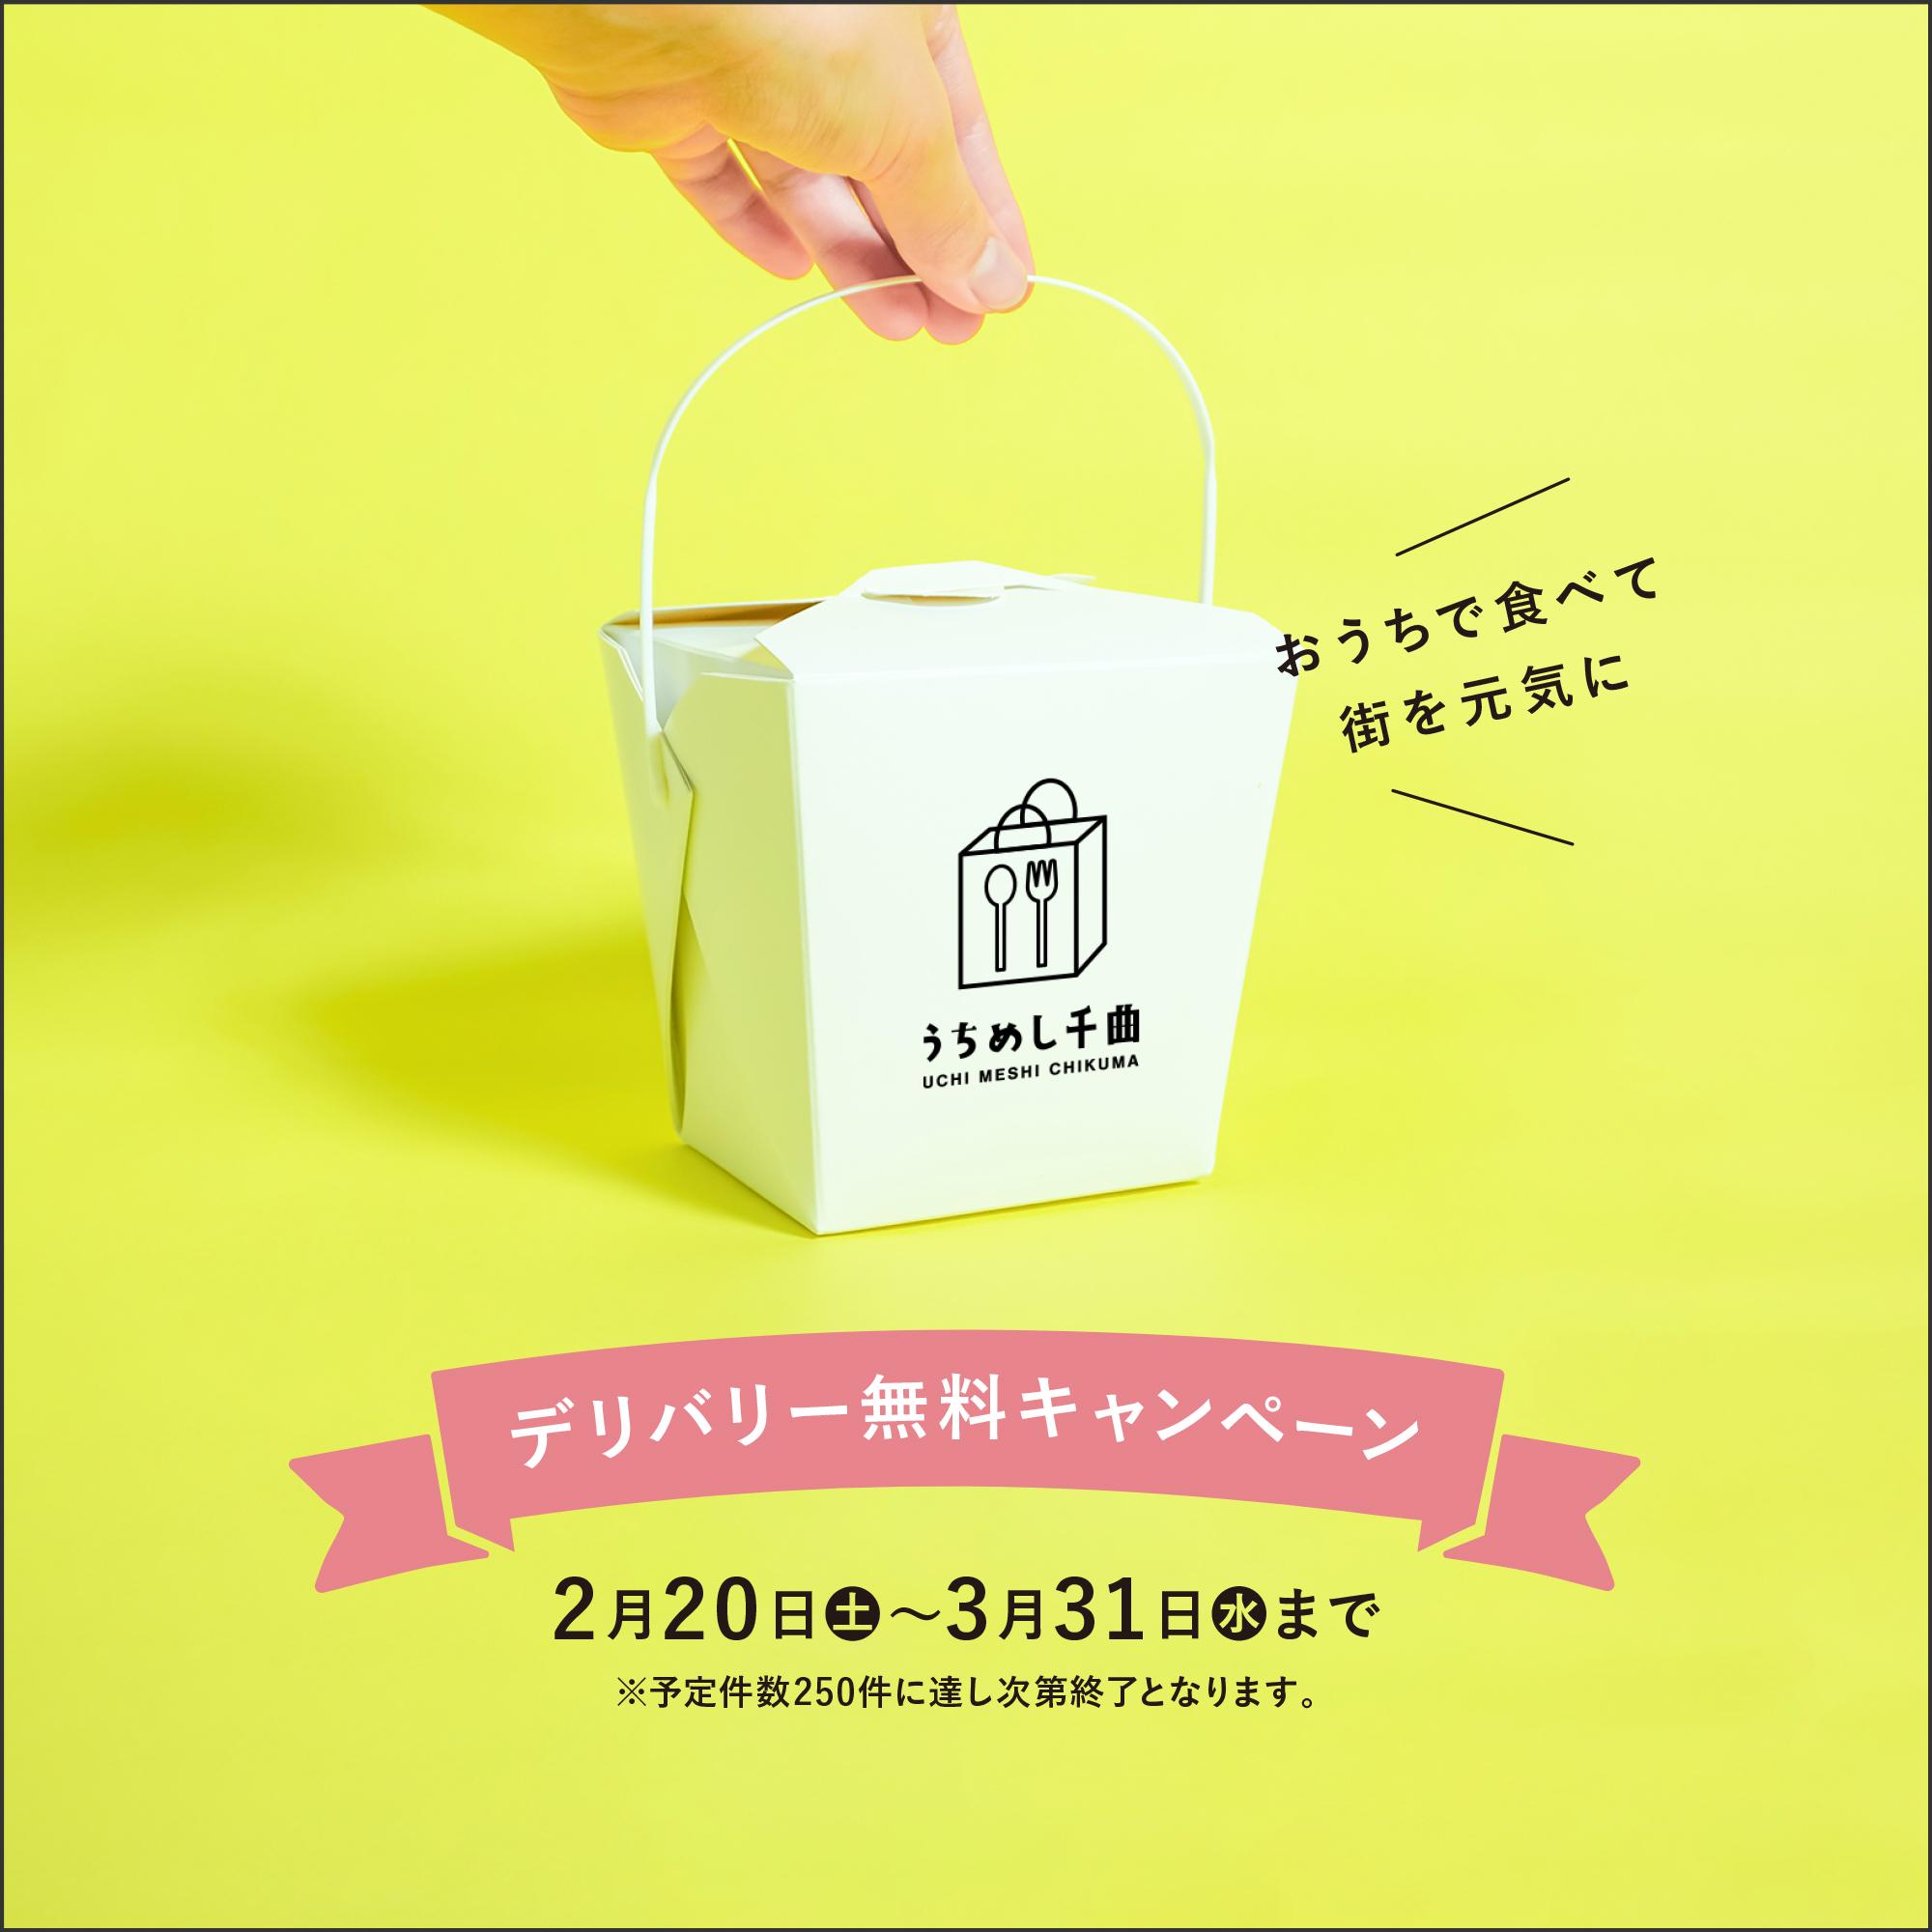 デリバリー無料キャンペーン2月20日(土)~3月31日(水)まで